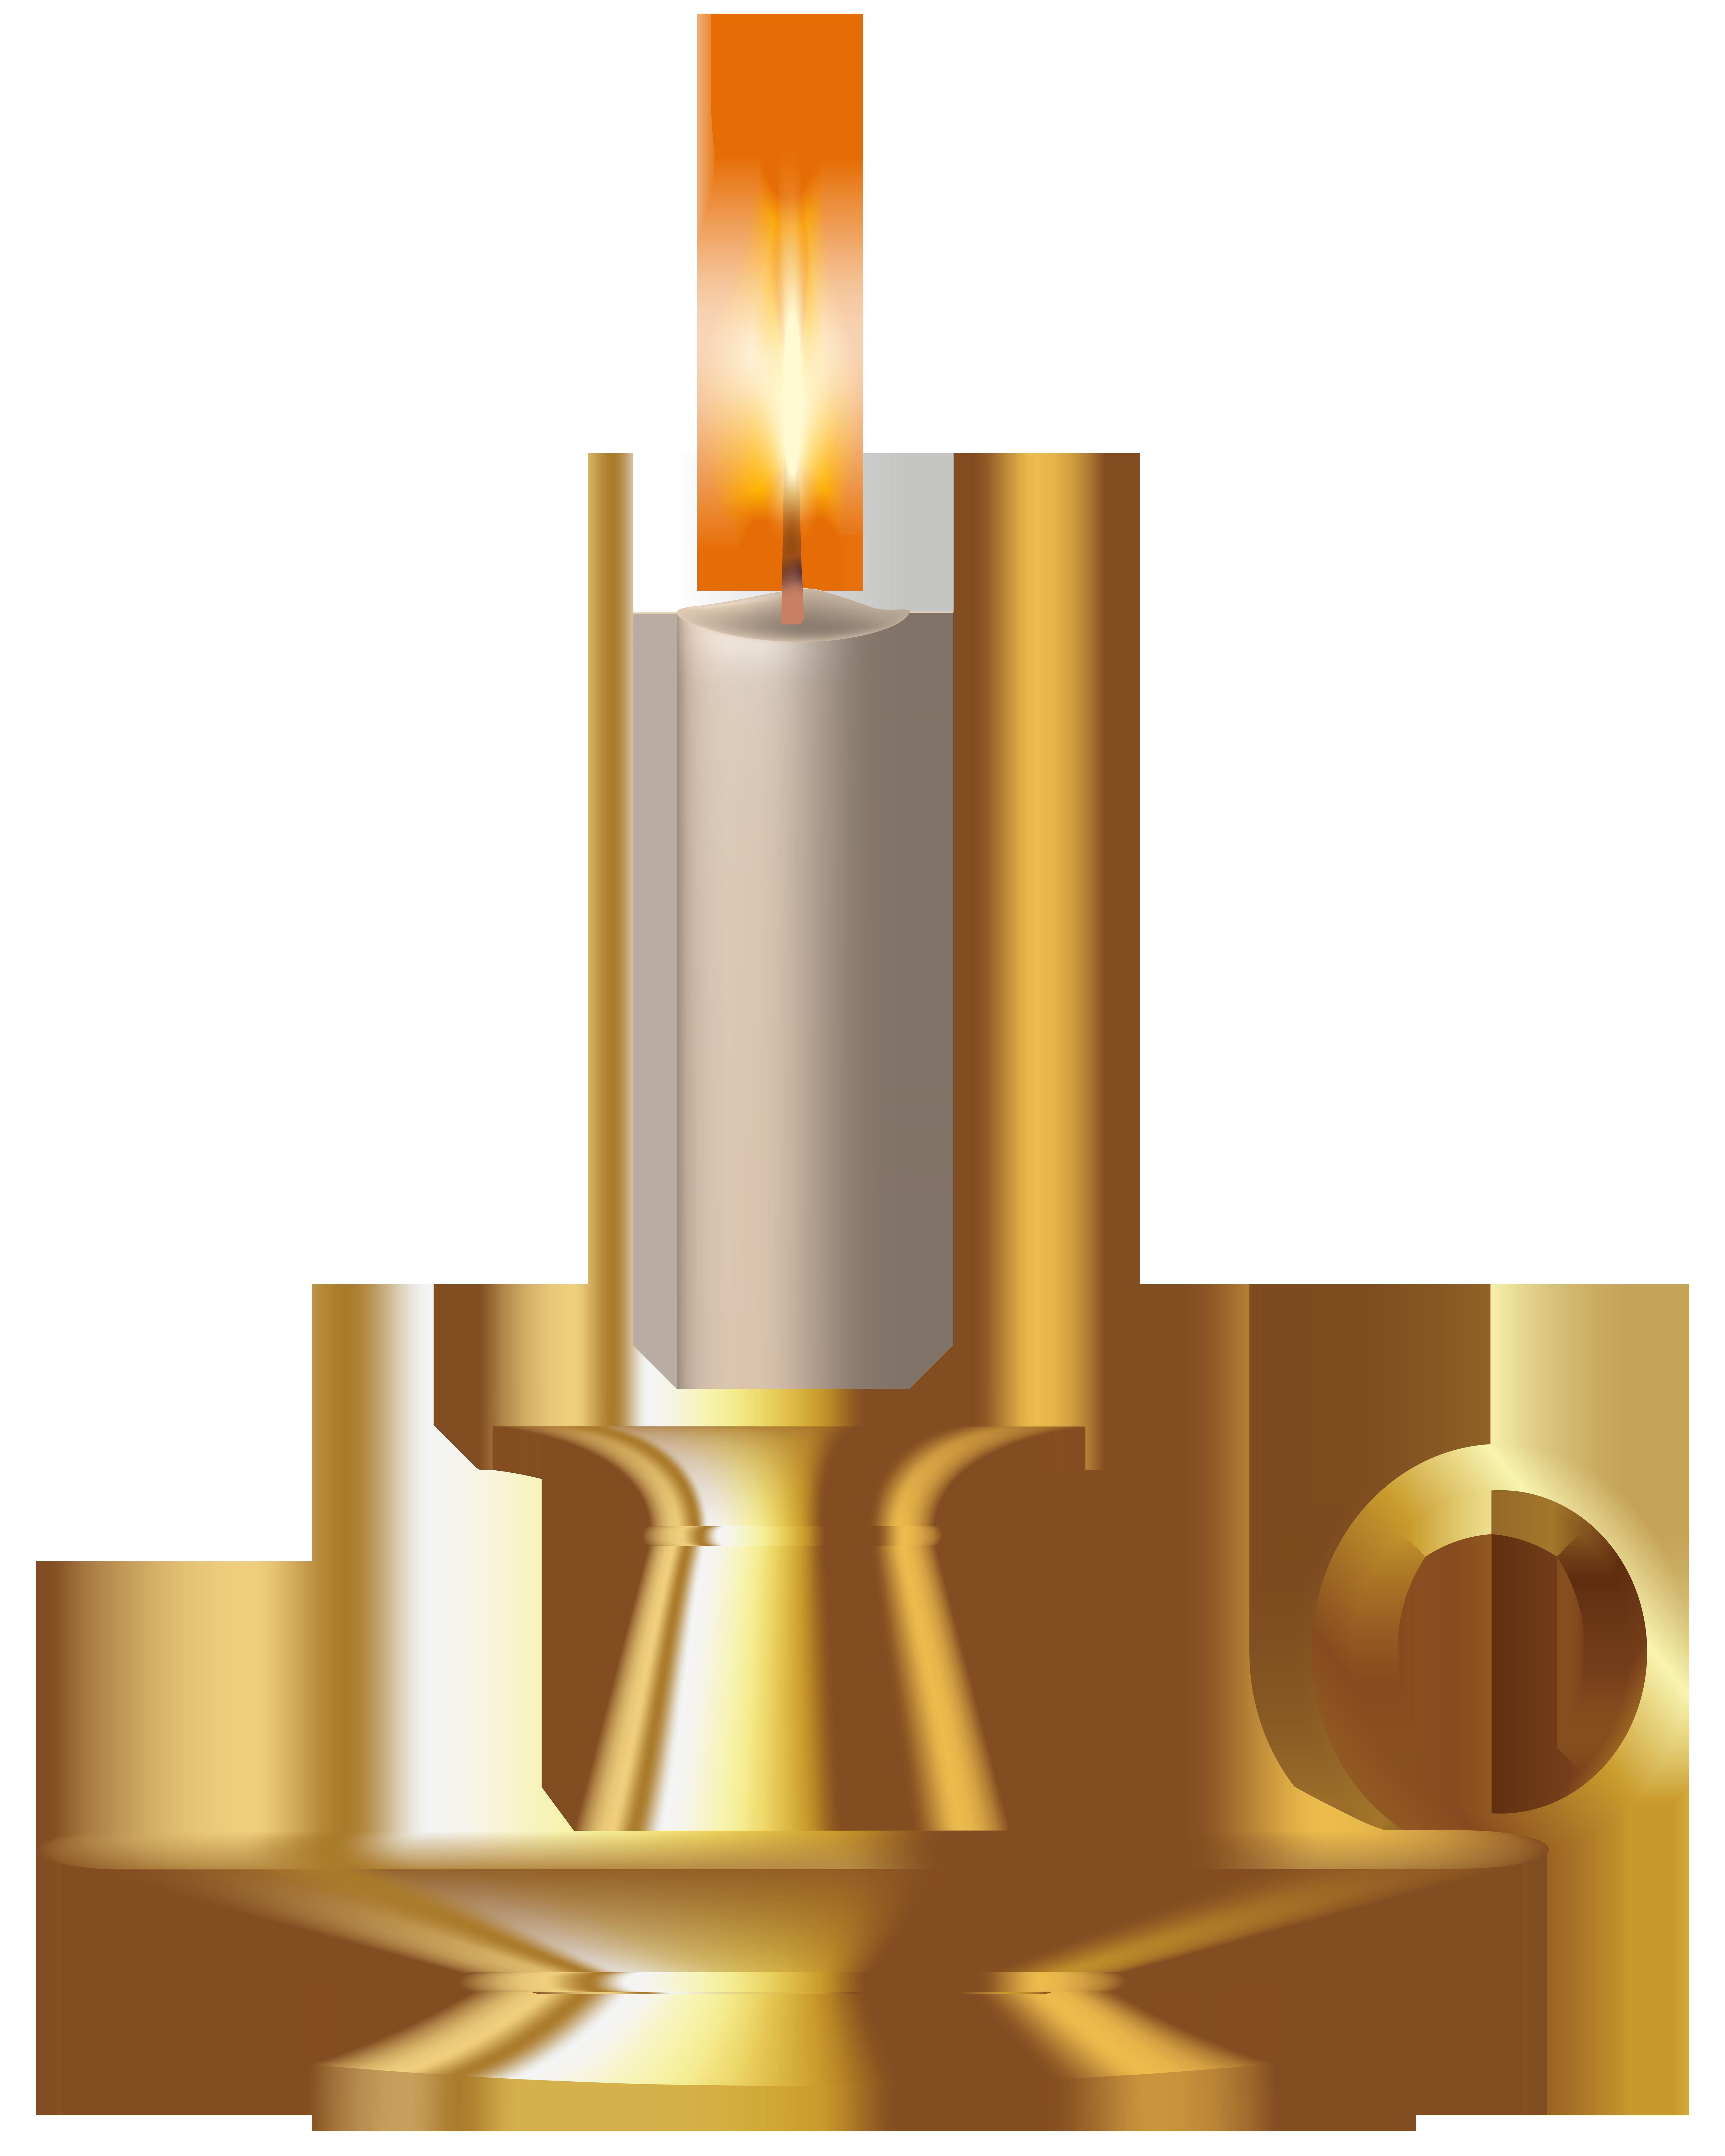 Candleholder clipart jpg black and white Candle Holder Clipart | Free download best Candle Holder Clipart on ... jpg black and white